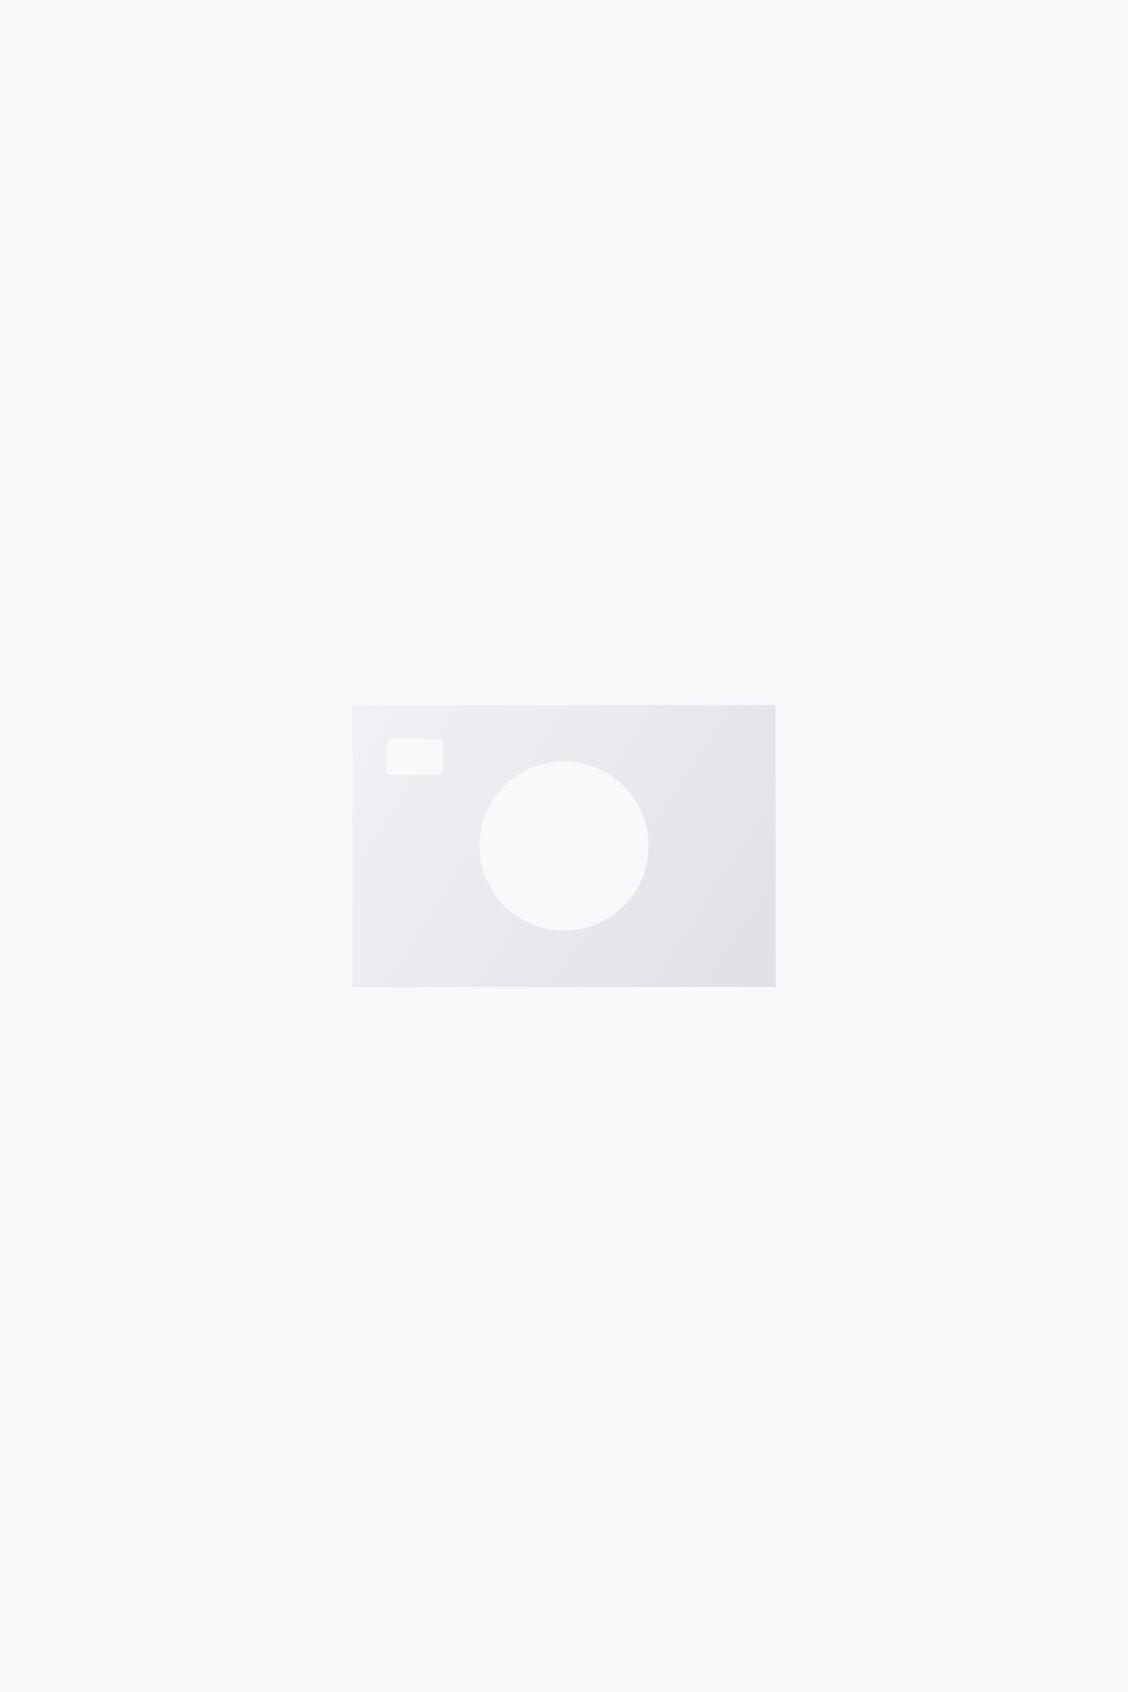 앤 아더 스토리즈 후프 귀걸이 & OTHER STORIES Droplet Hoop Earrings,Gold